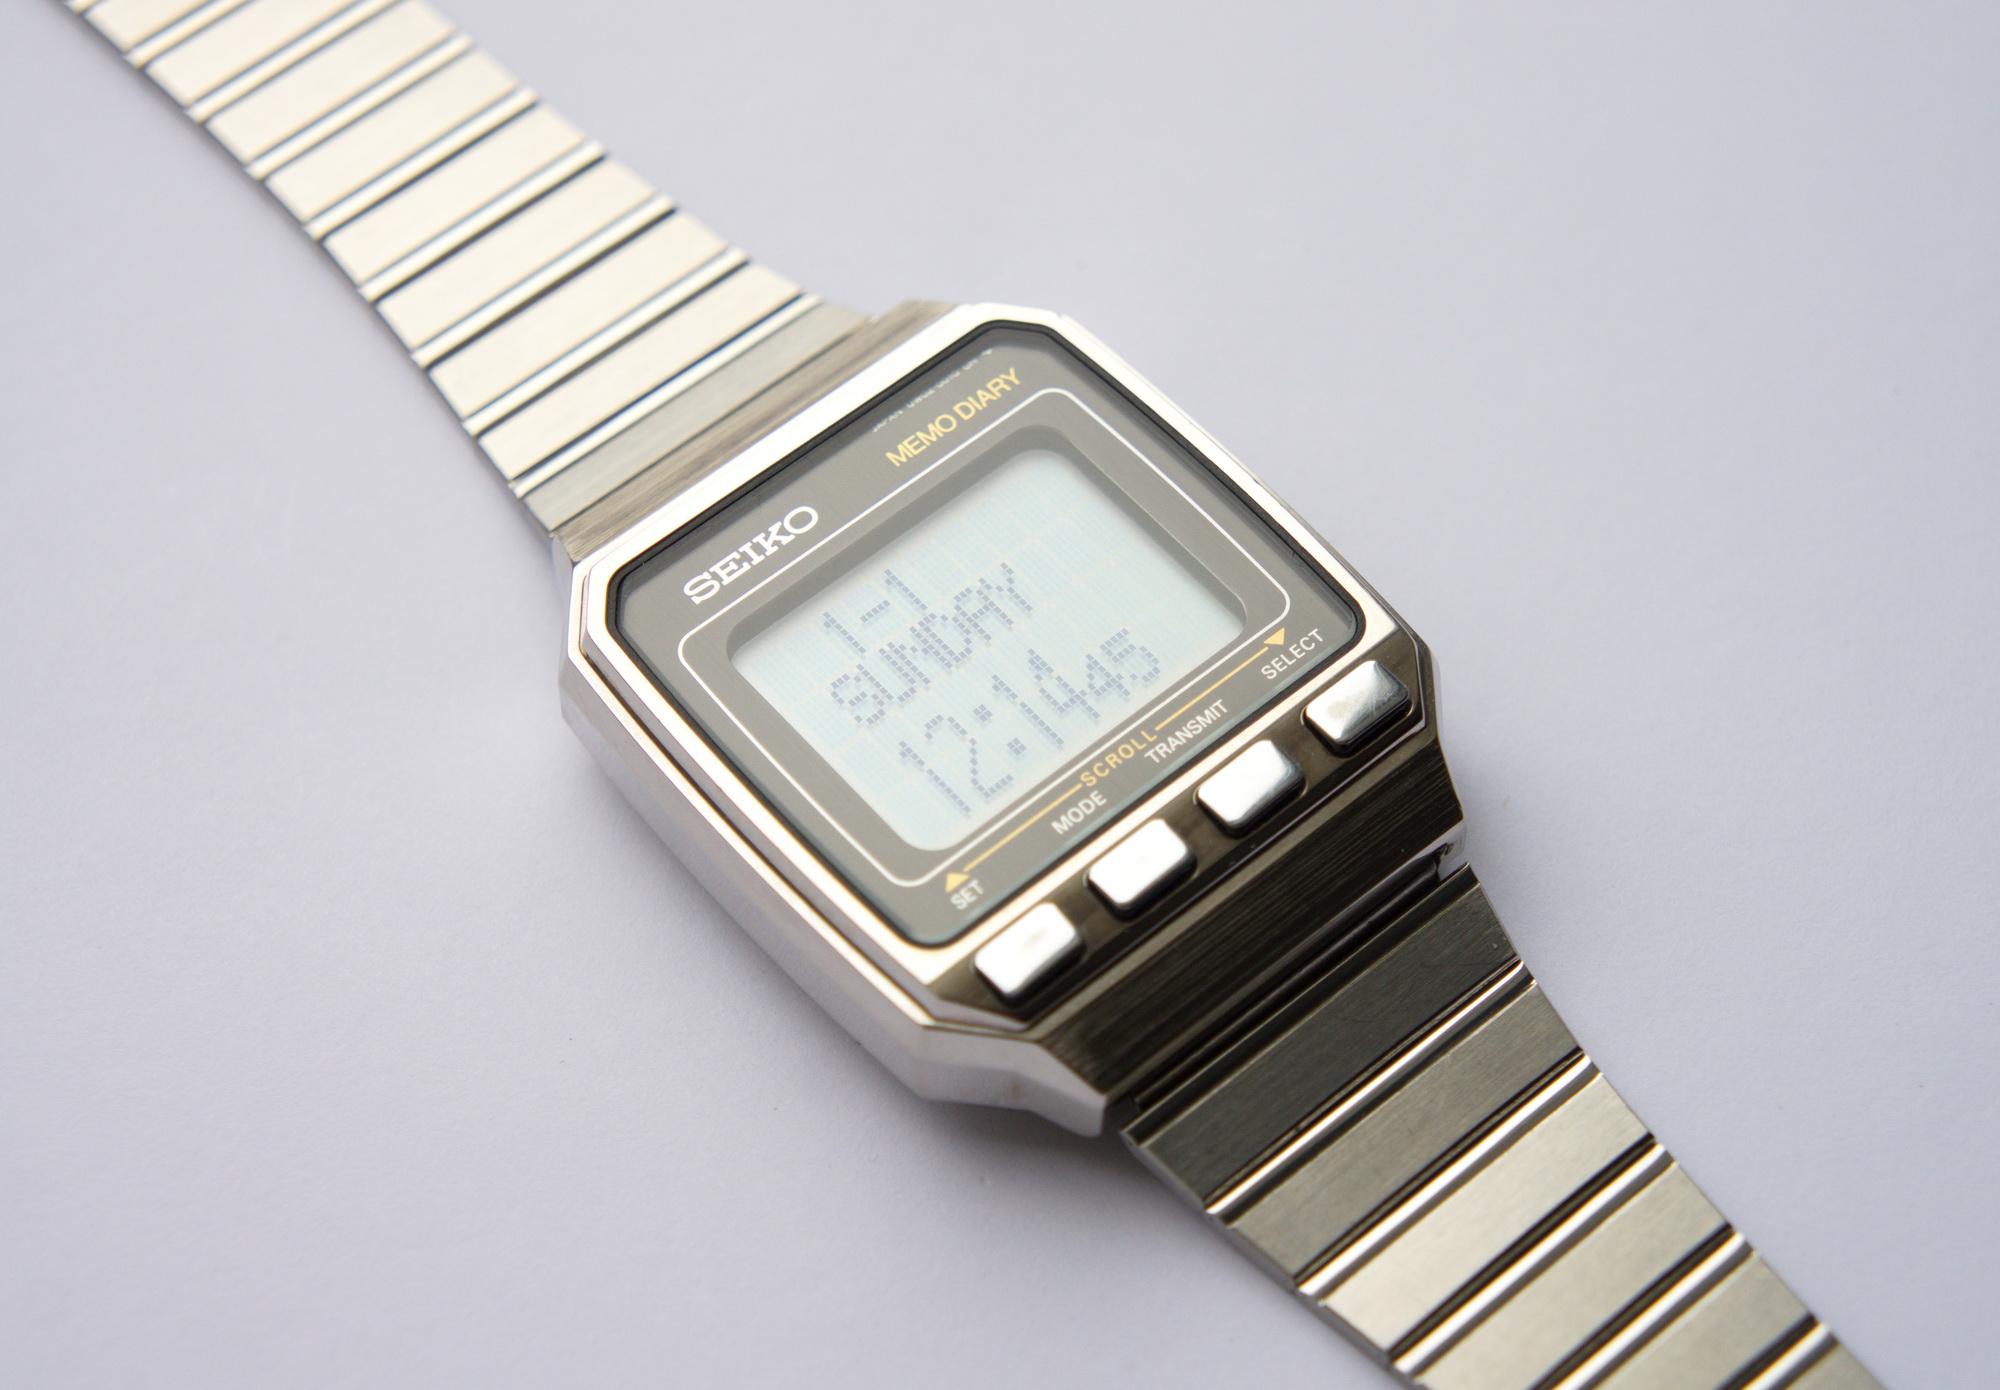 a374e1d3 Реверс-инжиниринг первых умных часов Seiko UC-2000 / Хабр